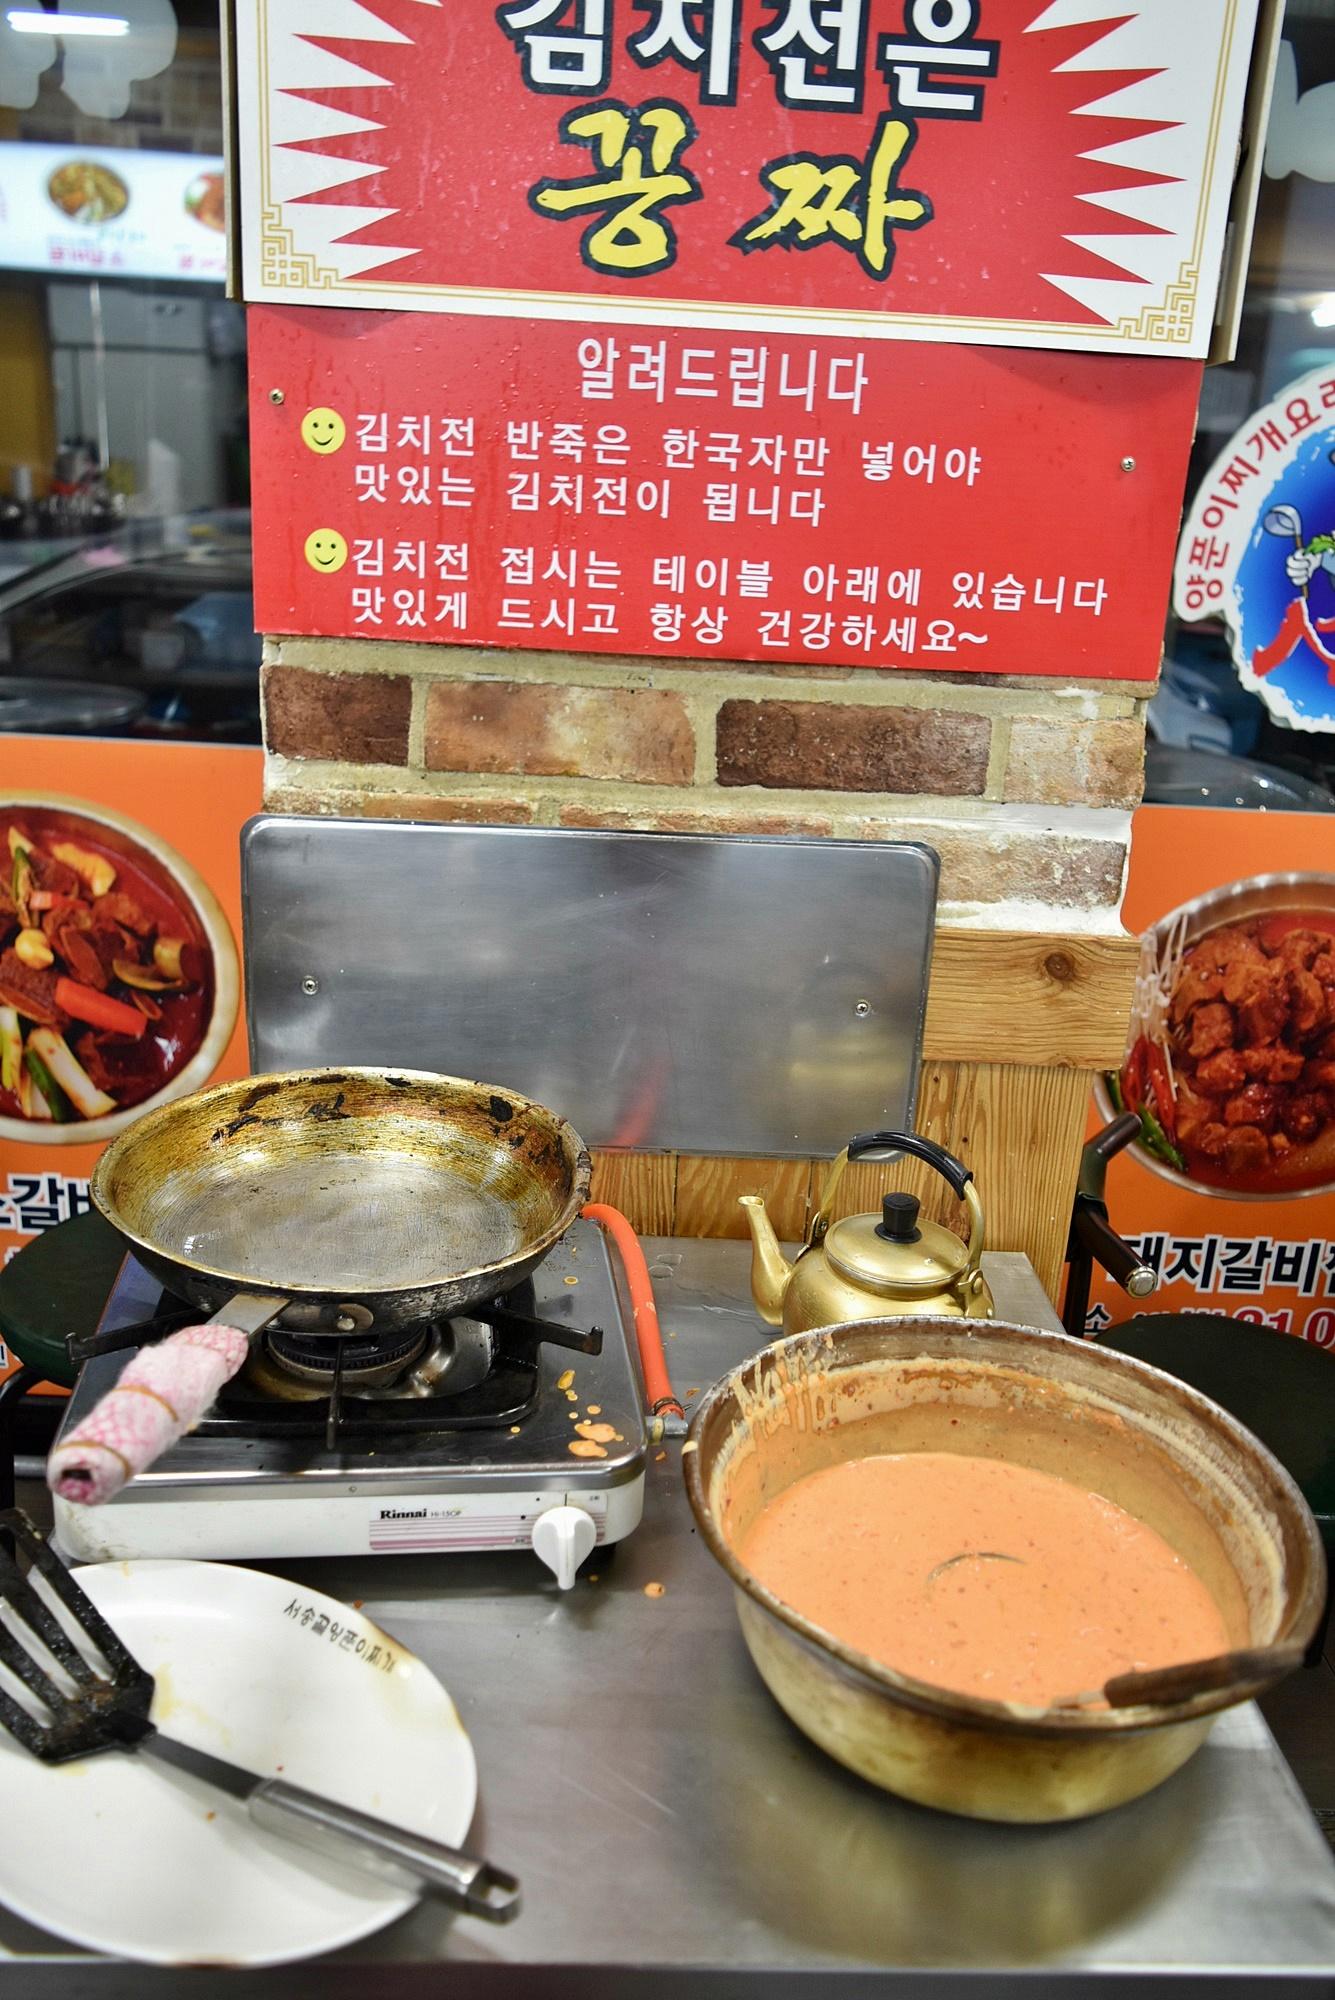 김치전은 꽁짜|알려드립니다|-김치전 반죽은 한국자만 넣어야 맛있는 김치전이 됩니다|-김치전 접시는 테이블 아래에 있습니다. 맛있게 드시고 항상 건강하세요~